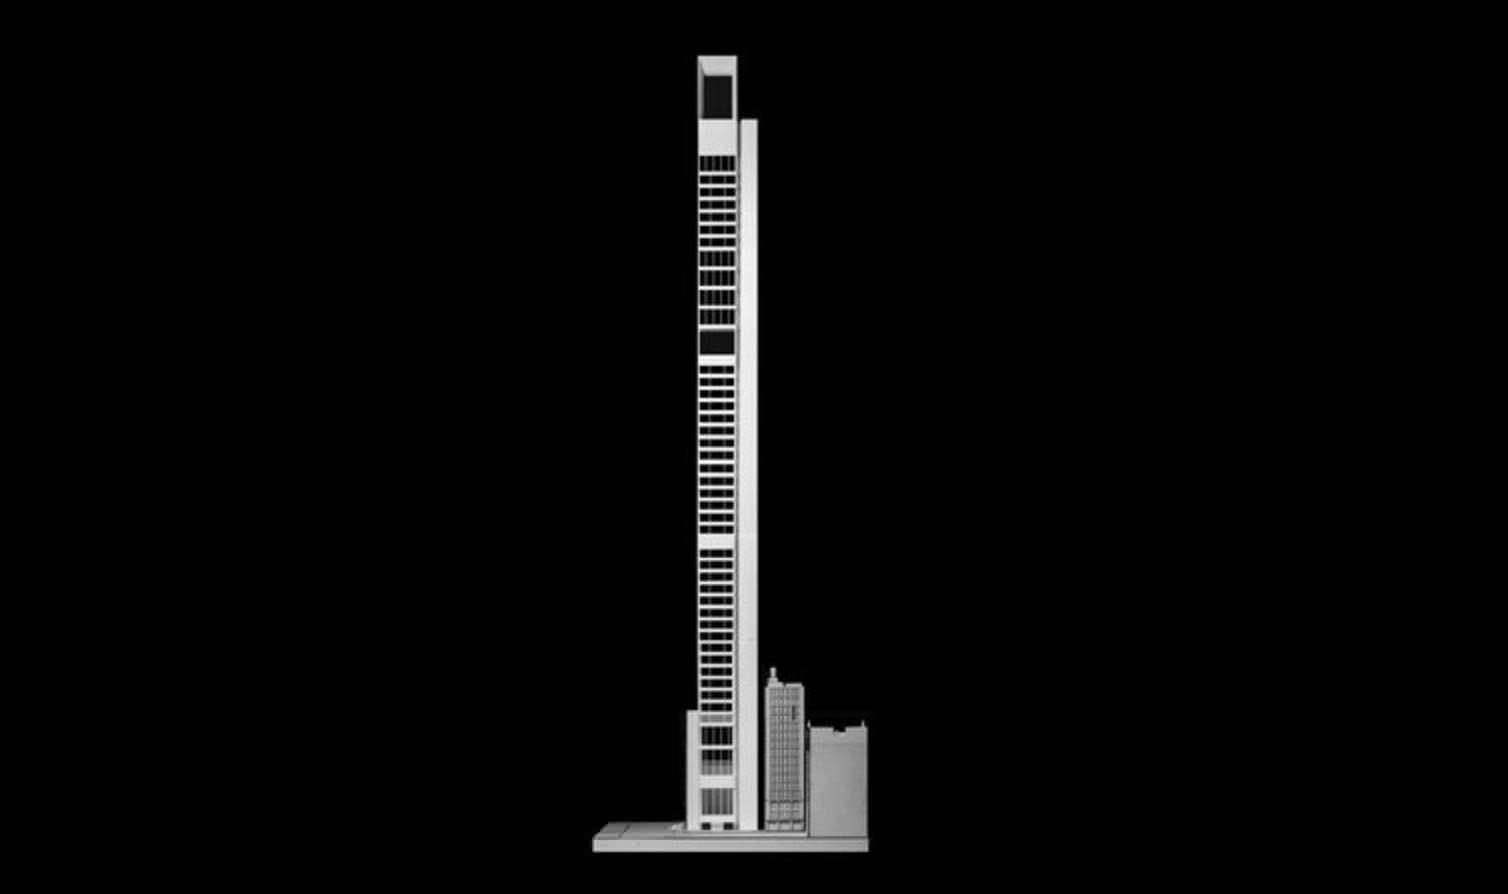 Проект 305-метрового небоскреба для Манхэттена от Meganom